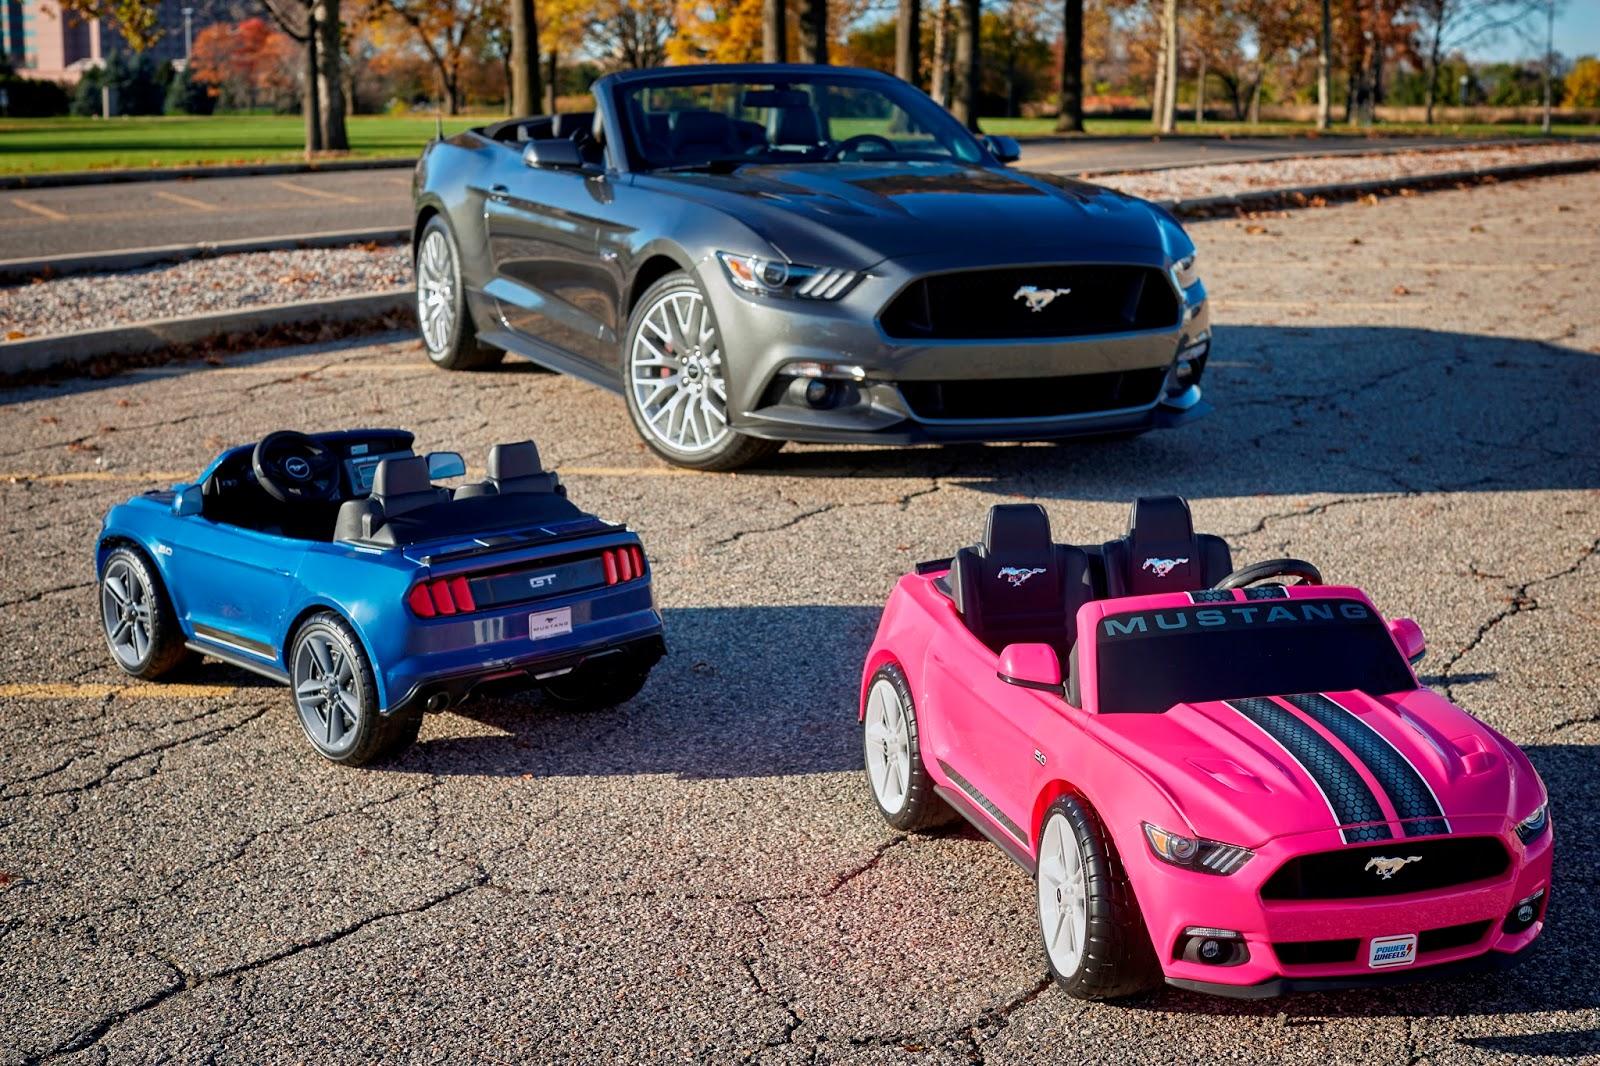 PowerWheels 7746 HR Το καλύτερο δώρο για παιδιά είναι μια... Mustang! Ford, Ford Mustang, Ford Mustang GT, Fun, Game, Kids, videos